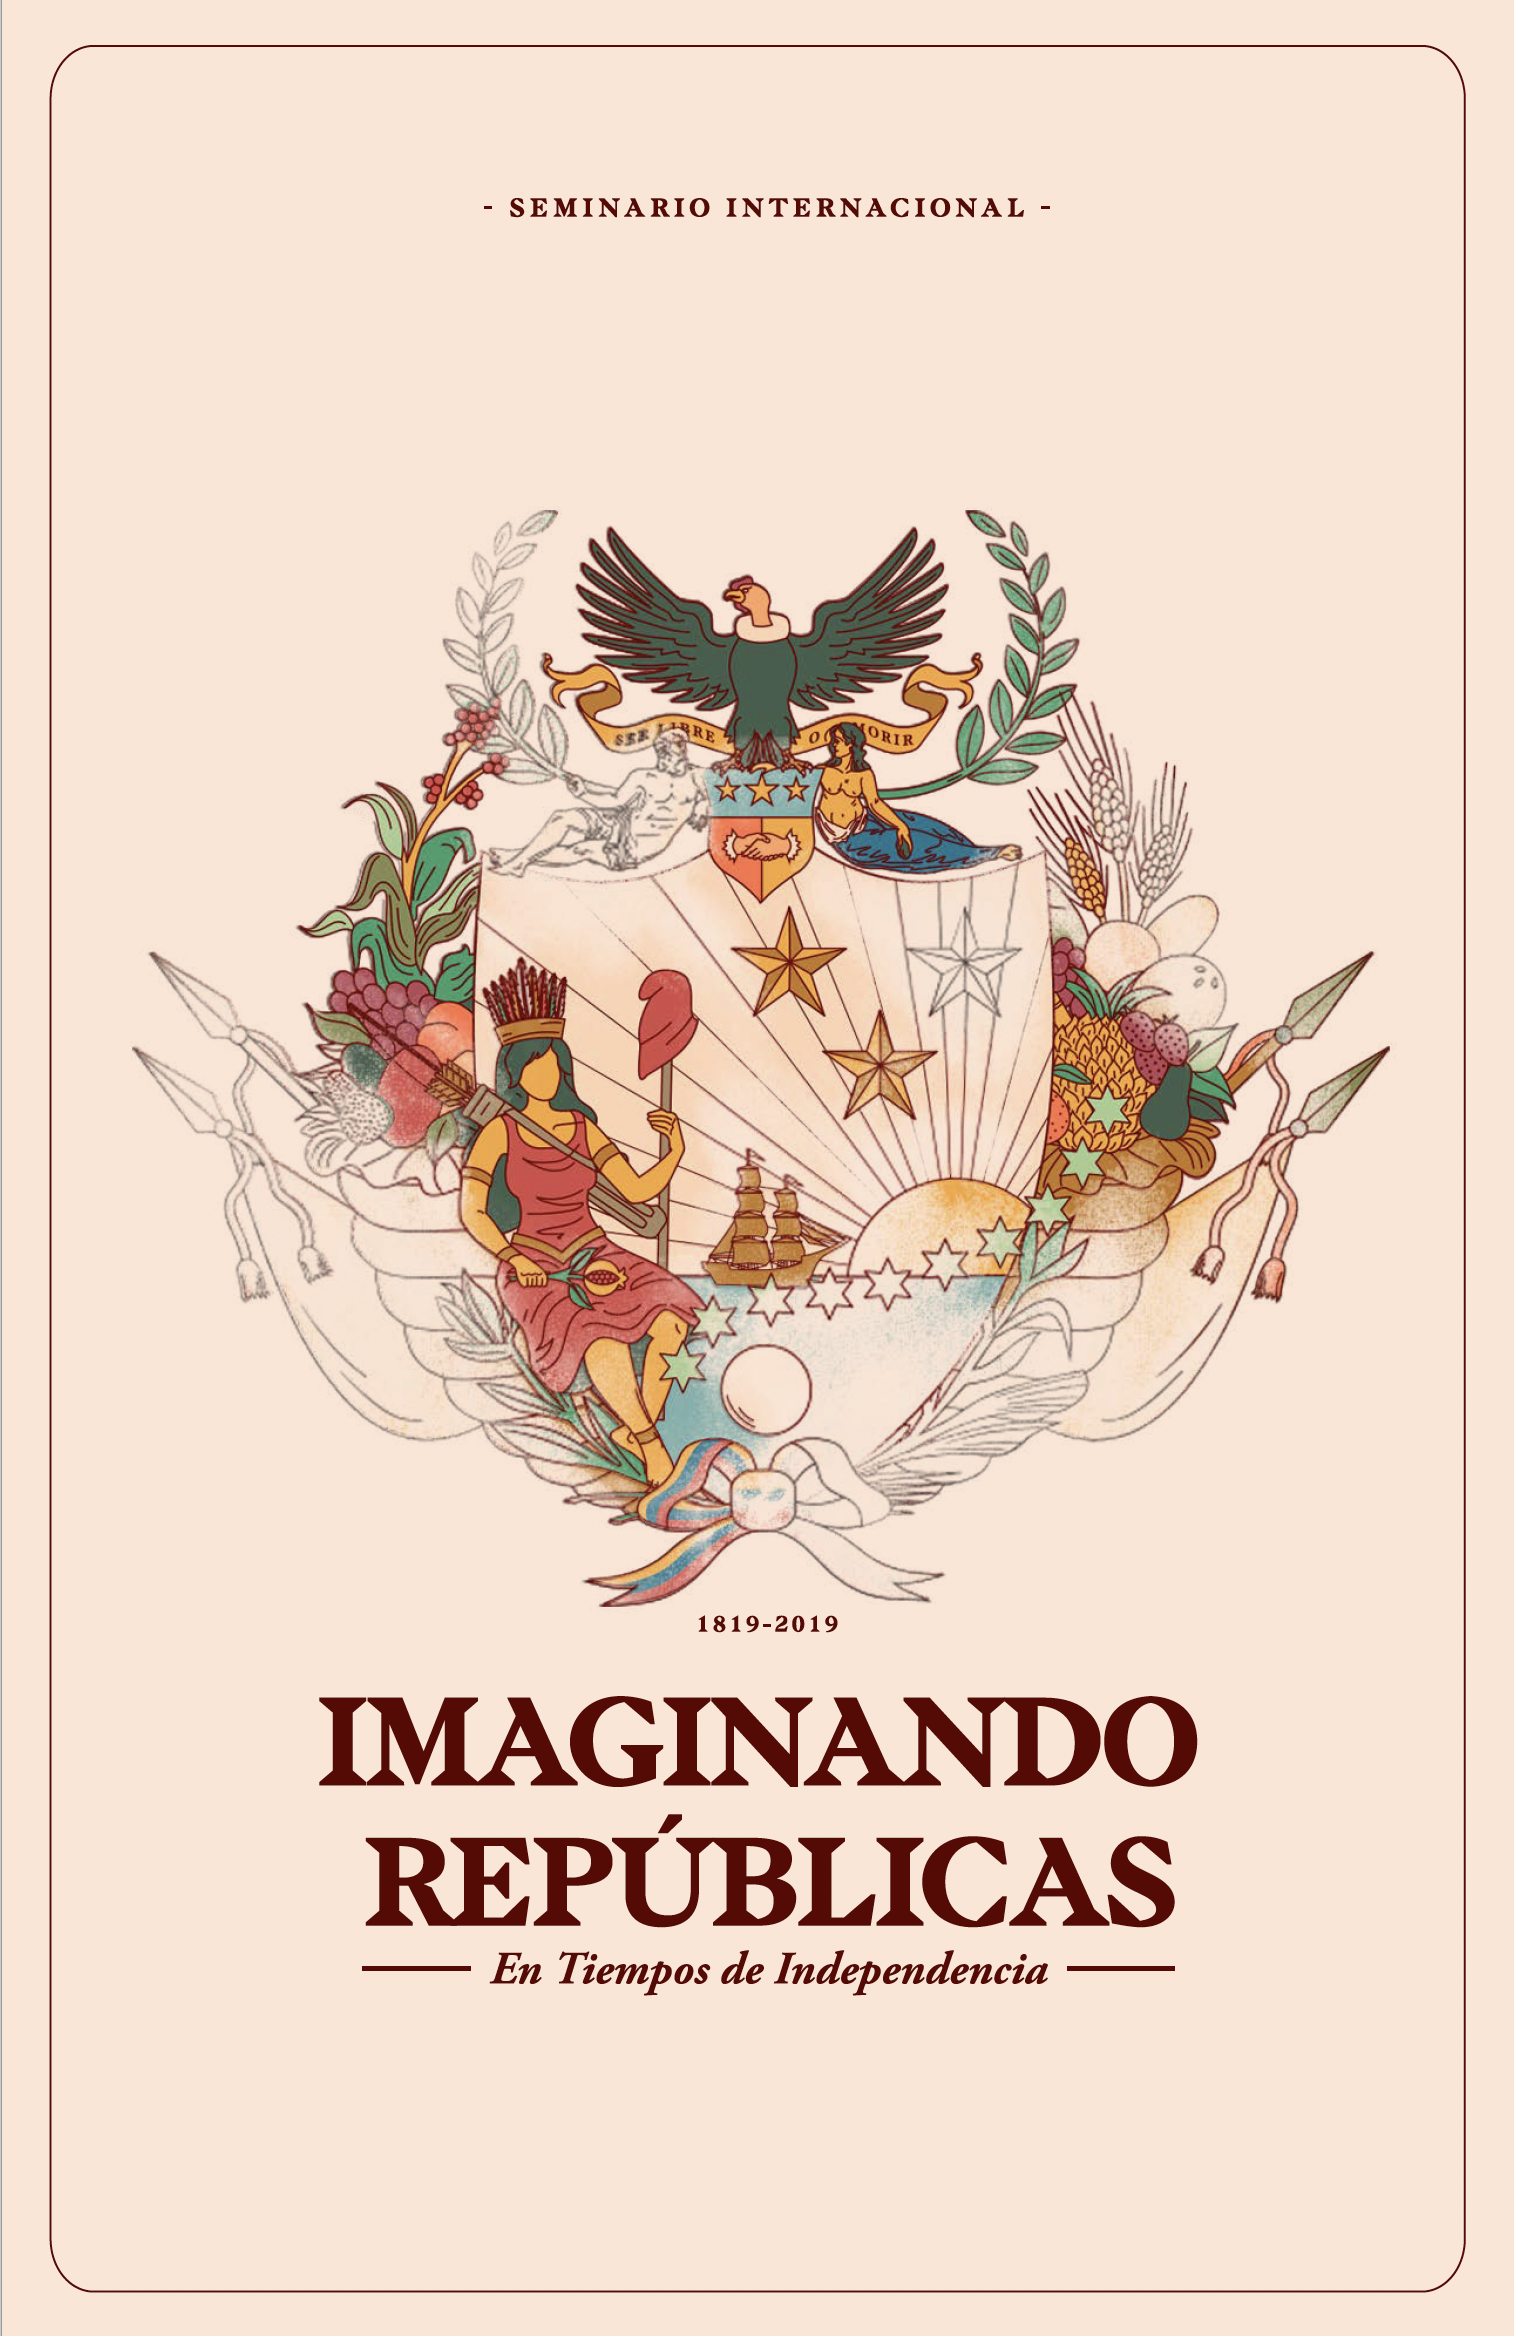 Imaginando repúblicas